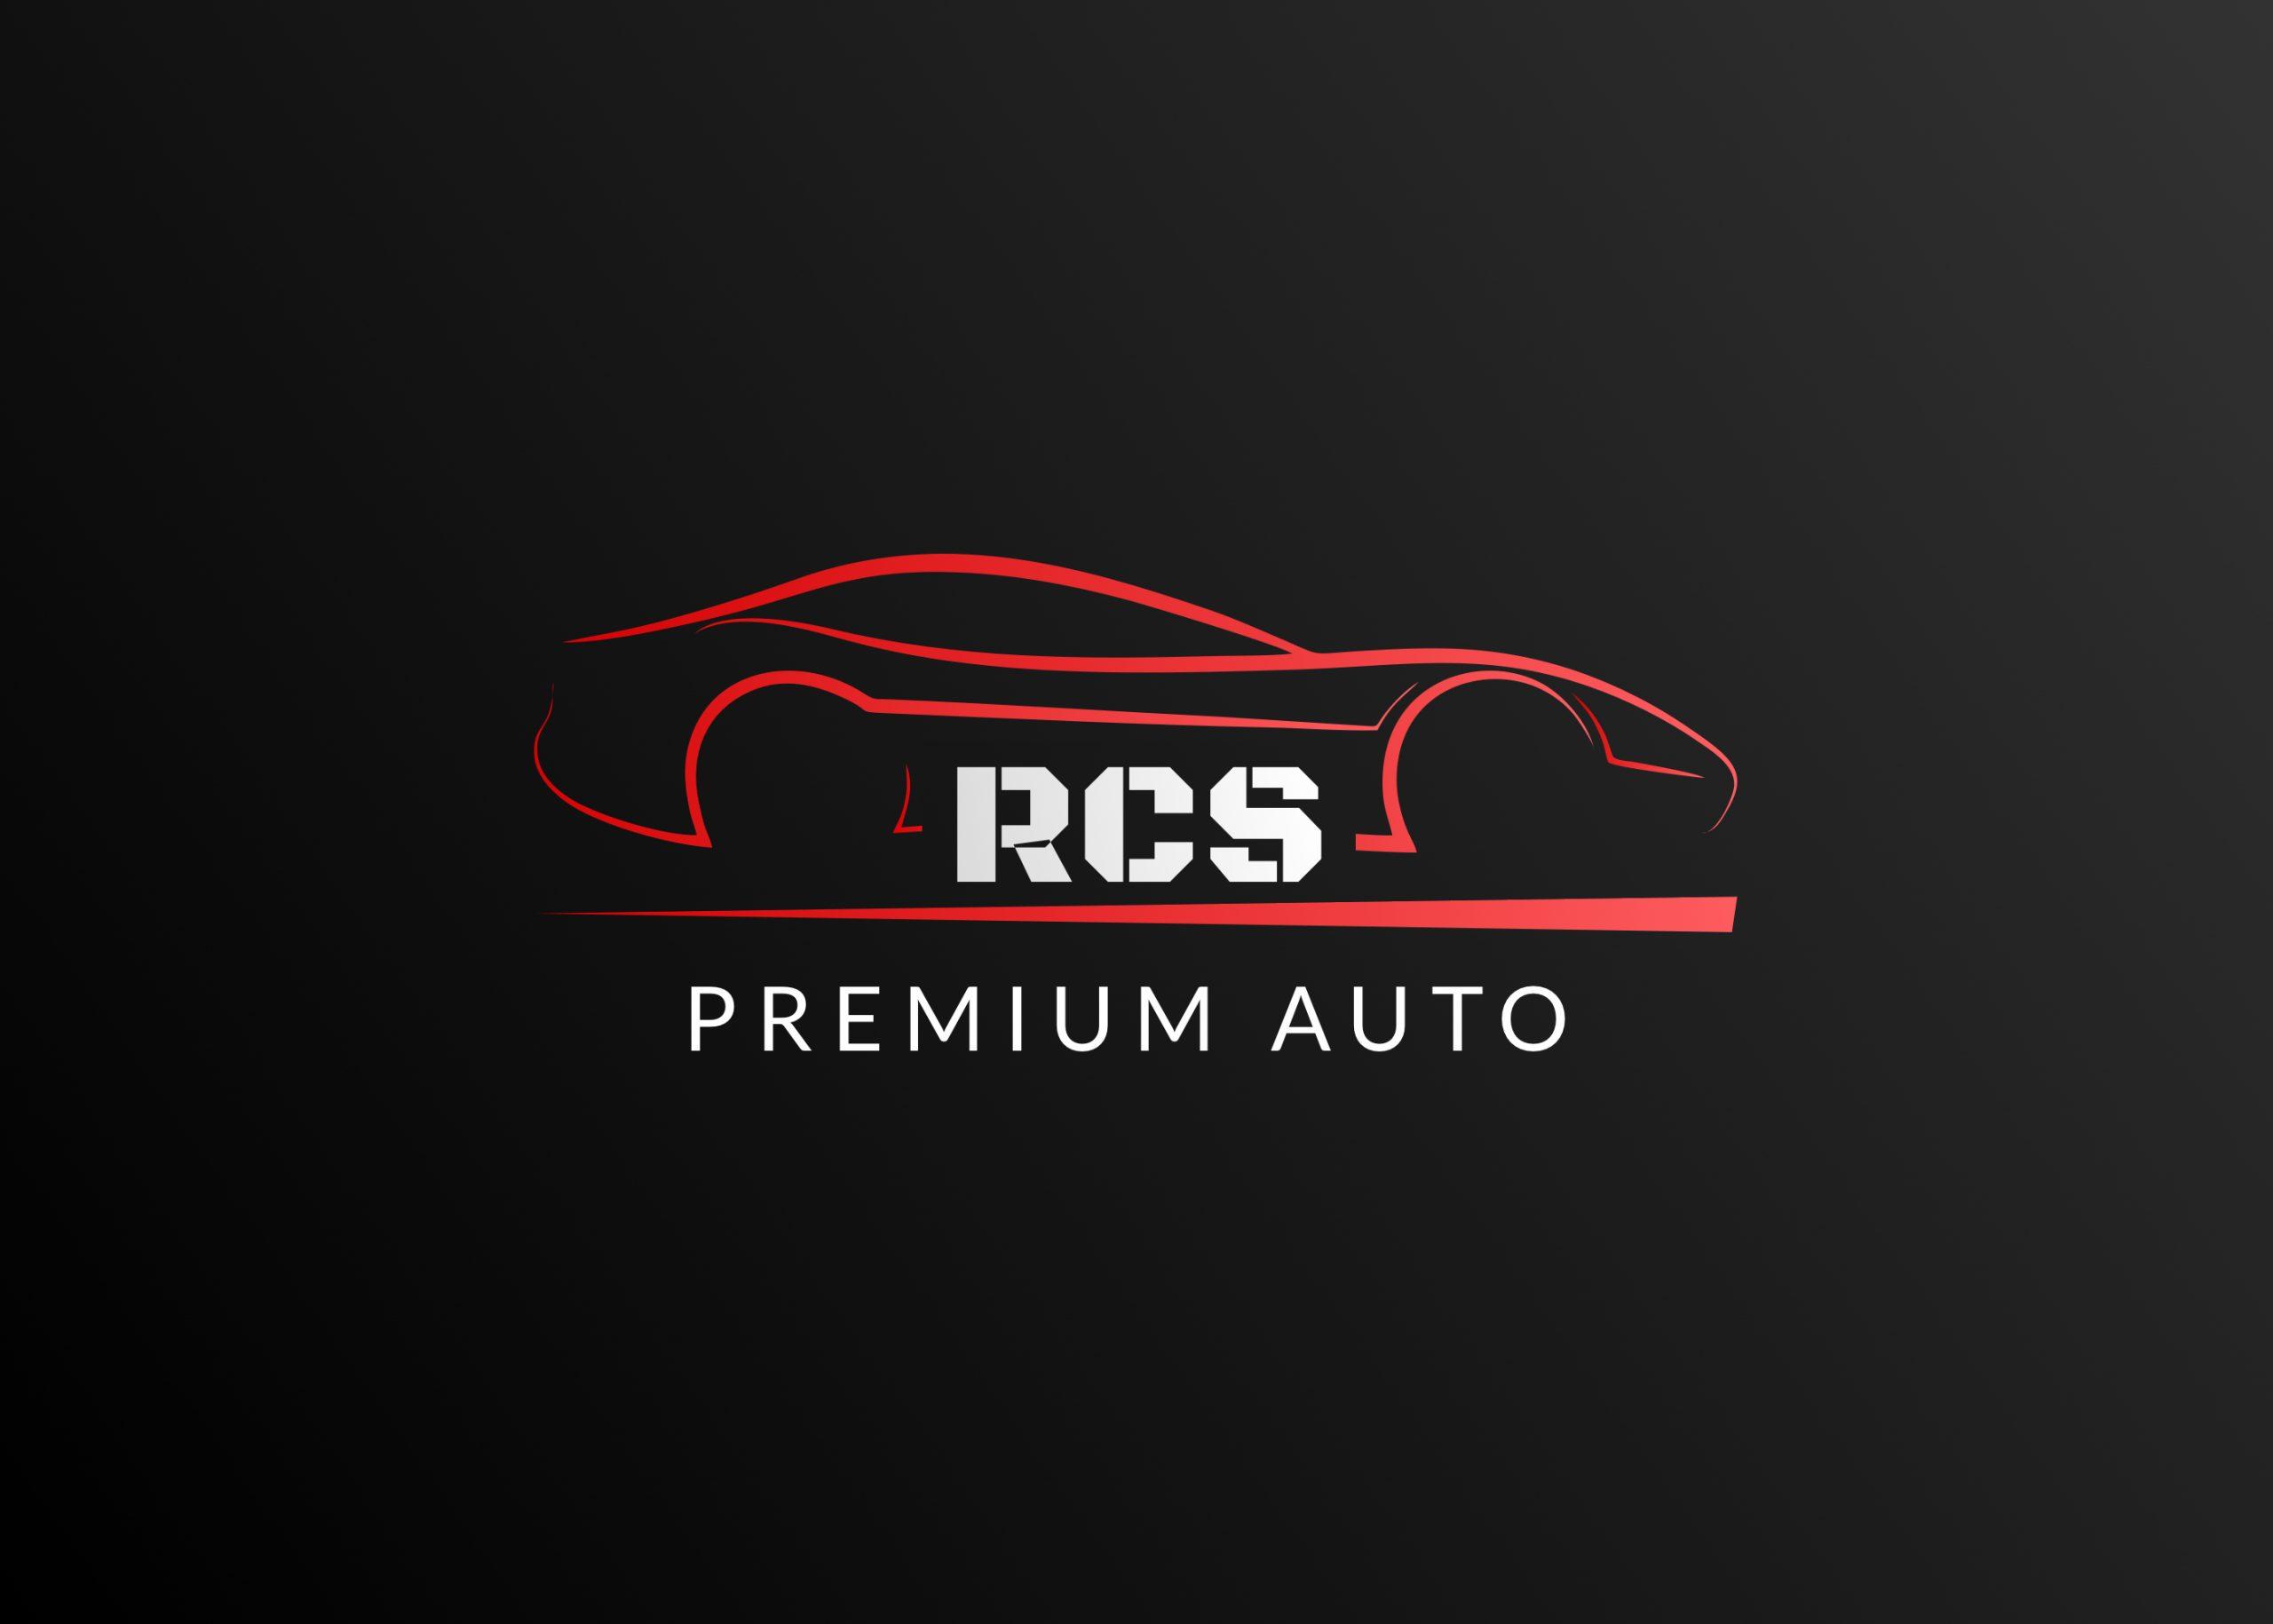 rcs_car_auto_logo_camapp_logo_design